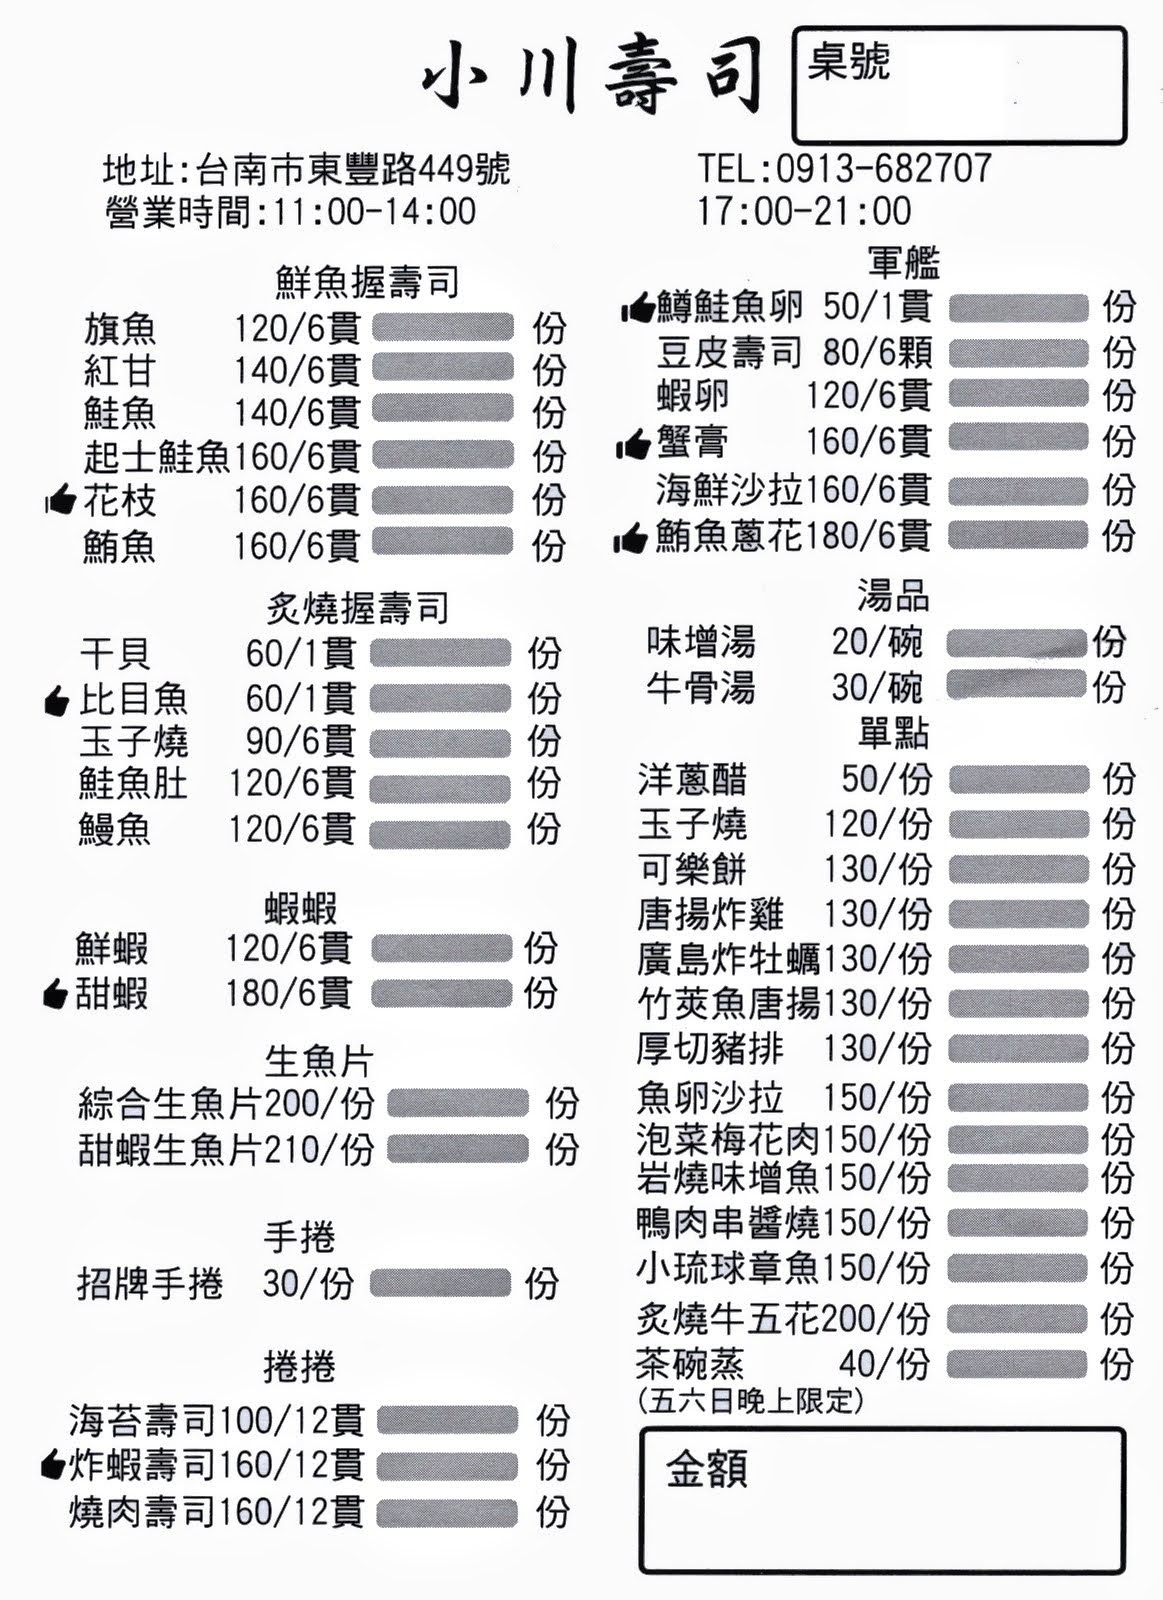 [台南][北區] 小川壽司|鄰近成大的社區型平價壽司屋|食記